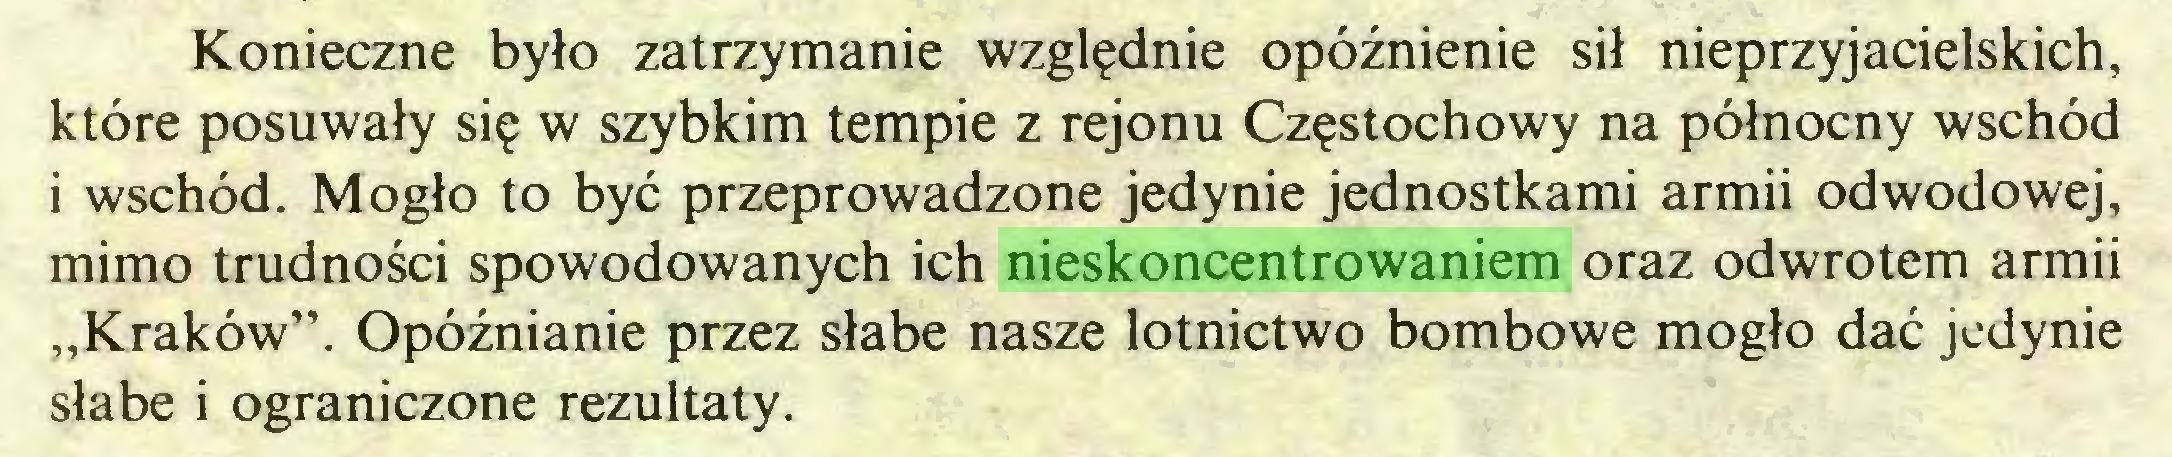 """(...) Konieczne było zatrzymanie względnie opóźnienie sił nieprzyjacielskich, które posuwały się w szybkim tempie z rejonu Częstochowy na północny wschód i wschód. Mogło to być przeprowadzone jedynie jednostkami armii odwodowej, mimo trudności spowodowanych ich nieskoncentrowaniem oraz odwrotem armii """"Kraków"""". Opóźnianie przez słabe nasze lotnictwo bombowe mogło dać jedynie słabe i ograniczone rezultaty..."""